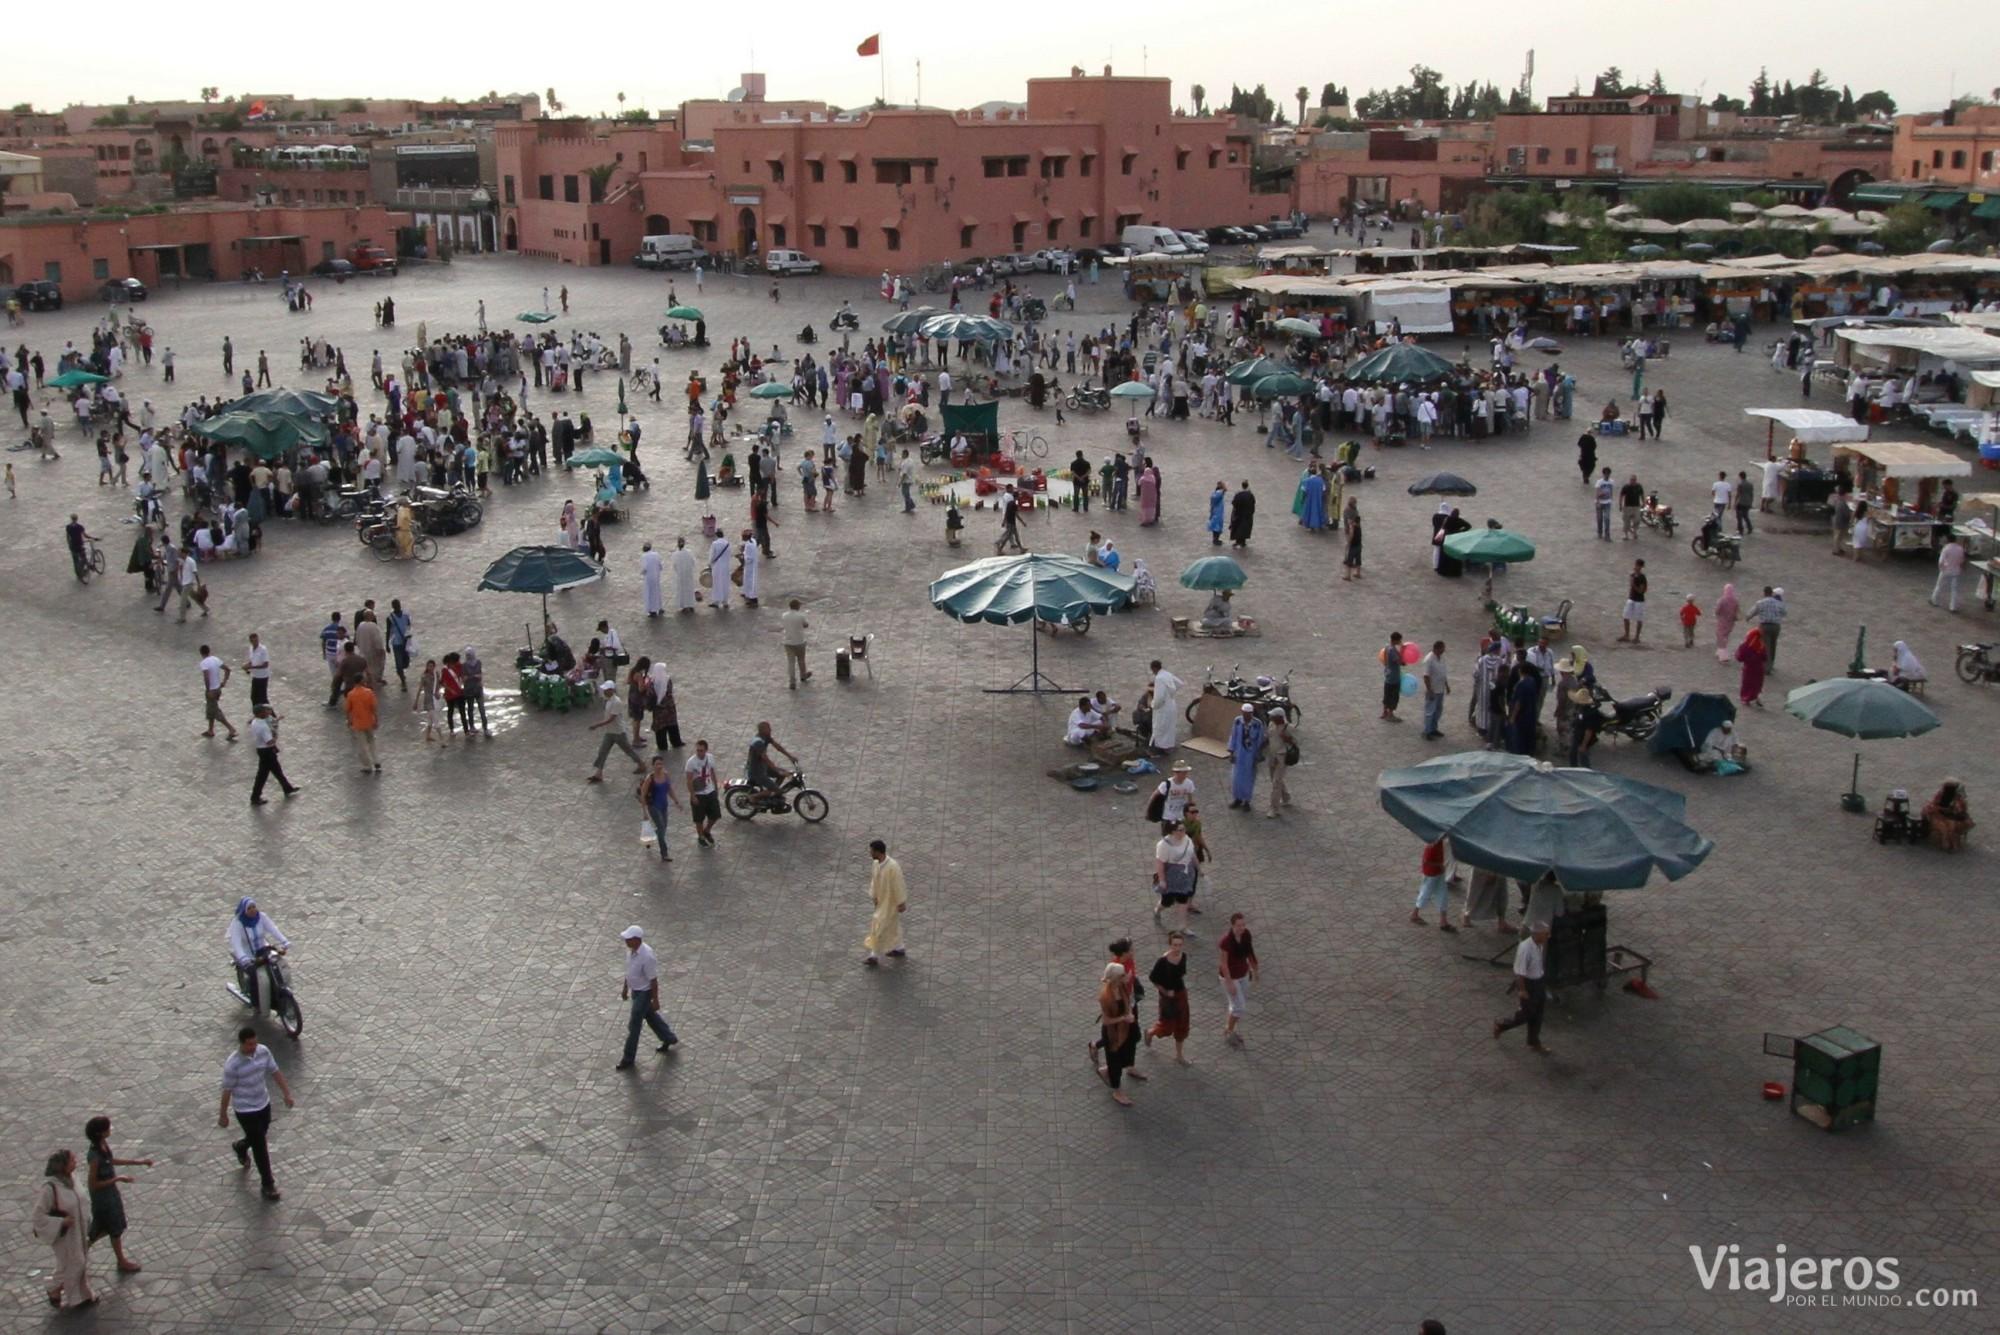 Marrakech, ciudad de sultanes y tribus ancestrales - Viajeros por el Mundo